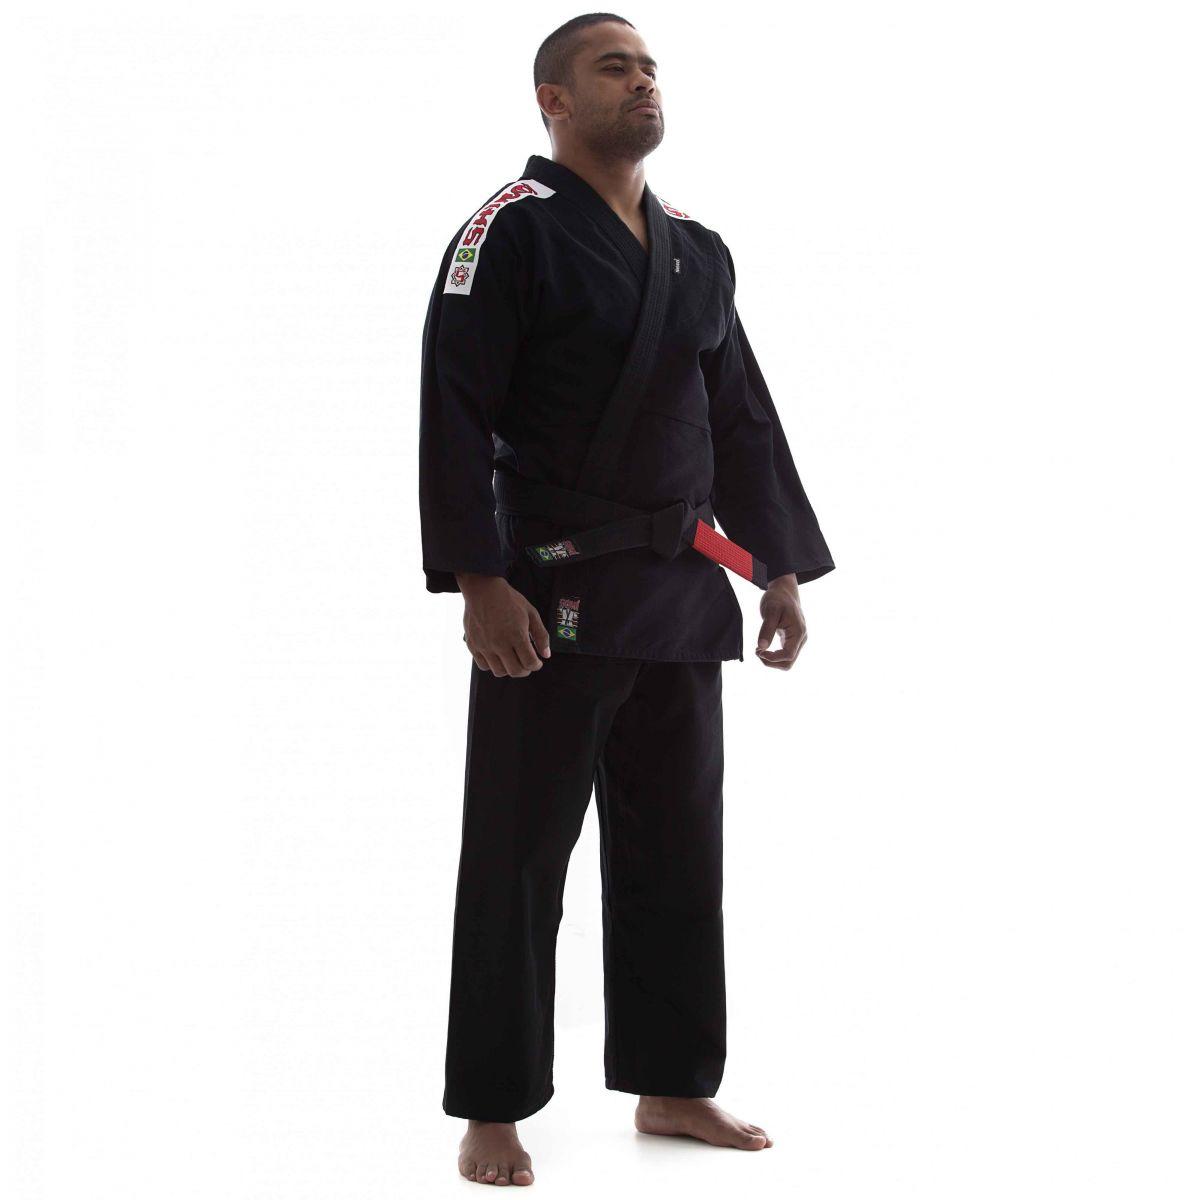 Kimono Jiu Jitsu - Trançadinho - Adulto - Shiroi - Preto  - Loja do Competidor